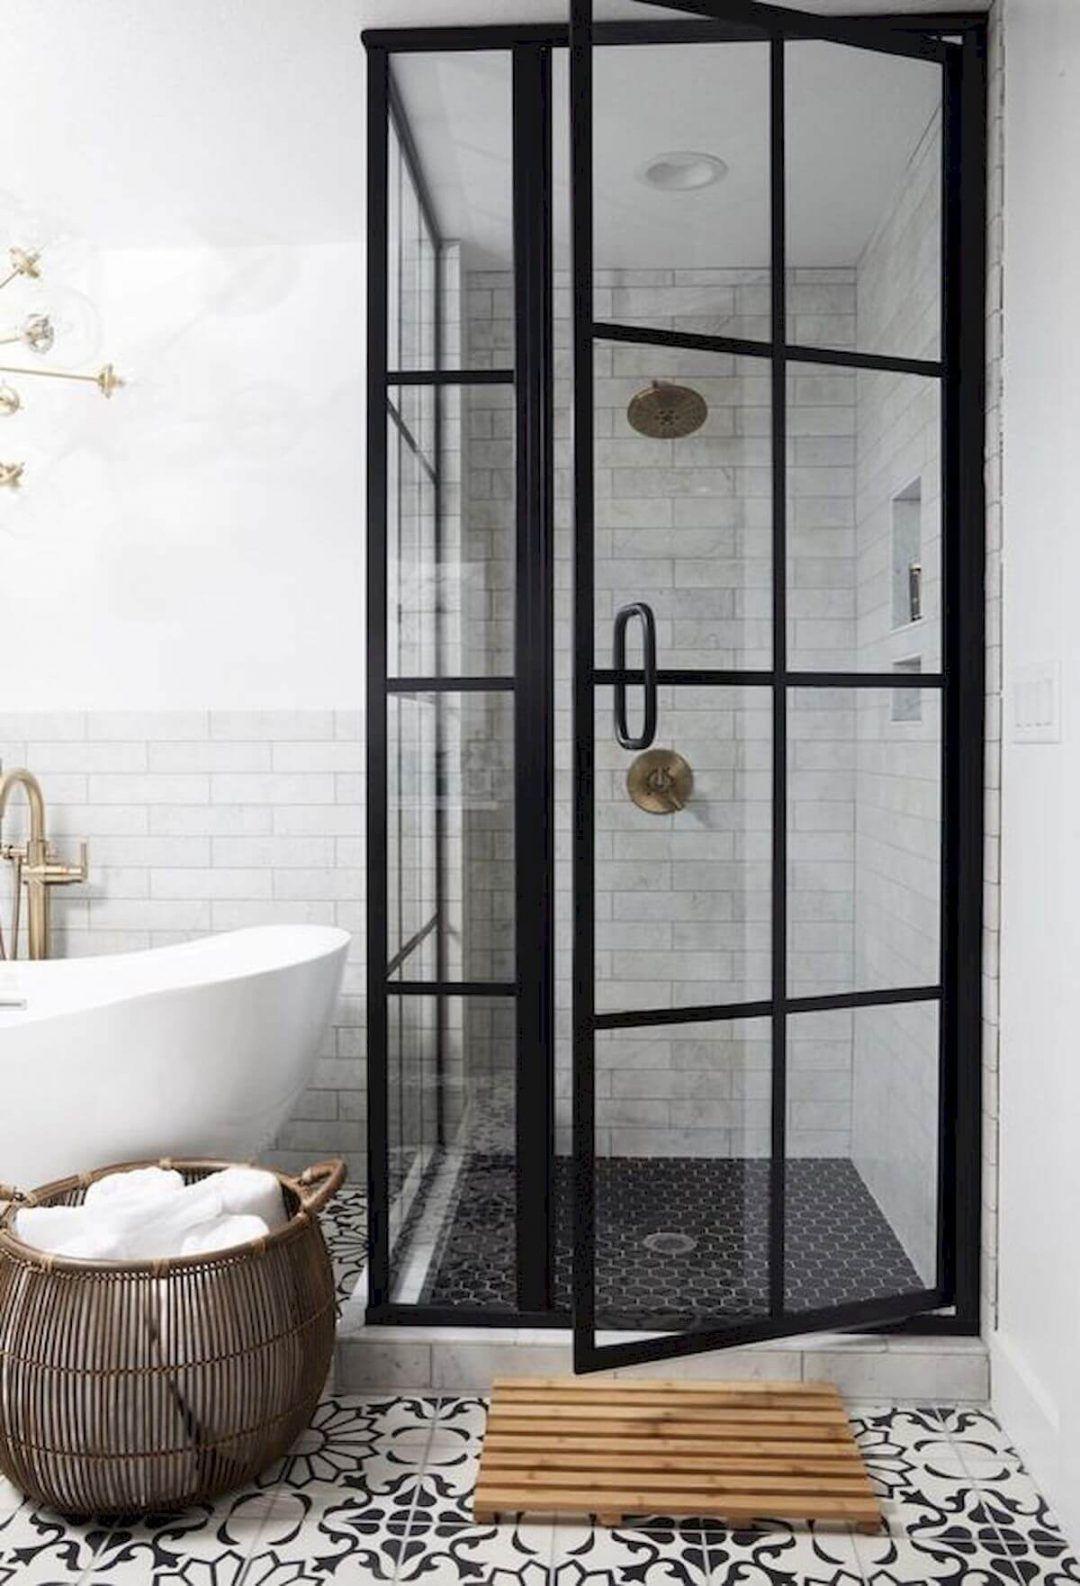 25 Farmhouse Bathroom Ideas For Bathroom Remodel - M25